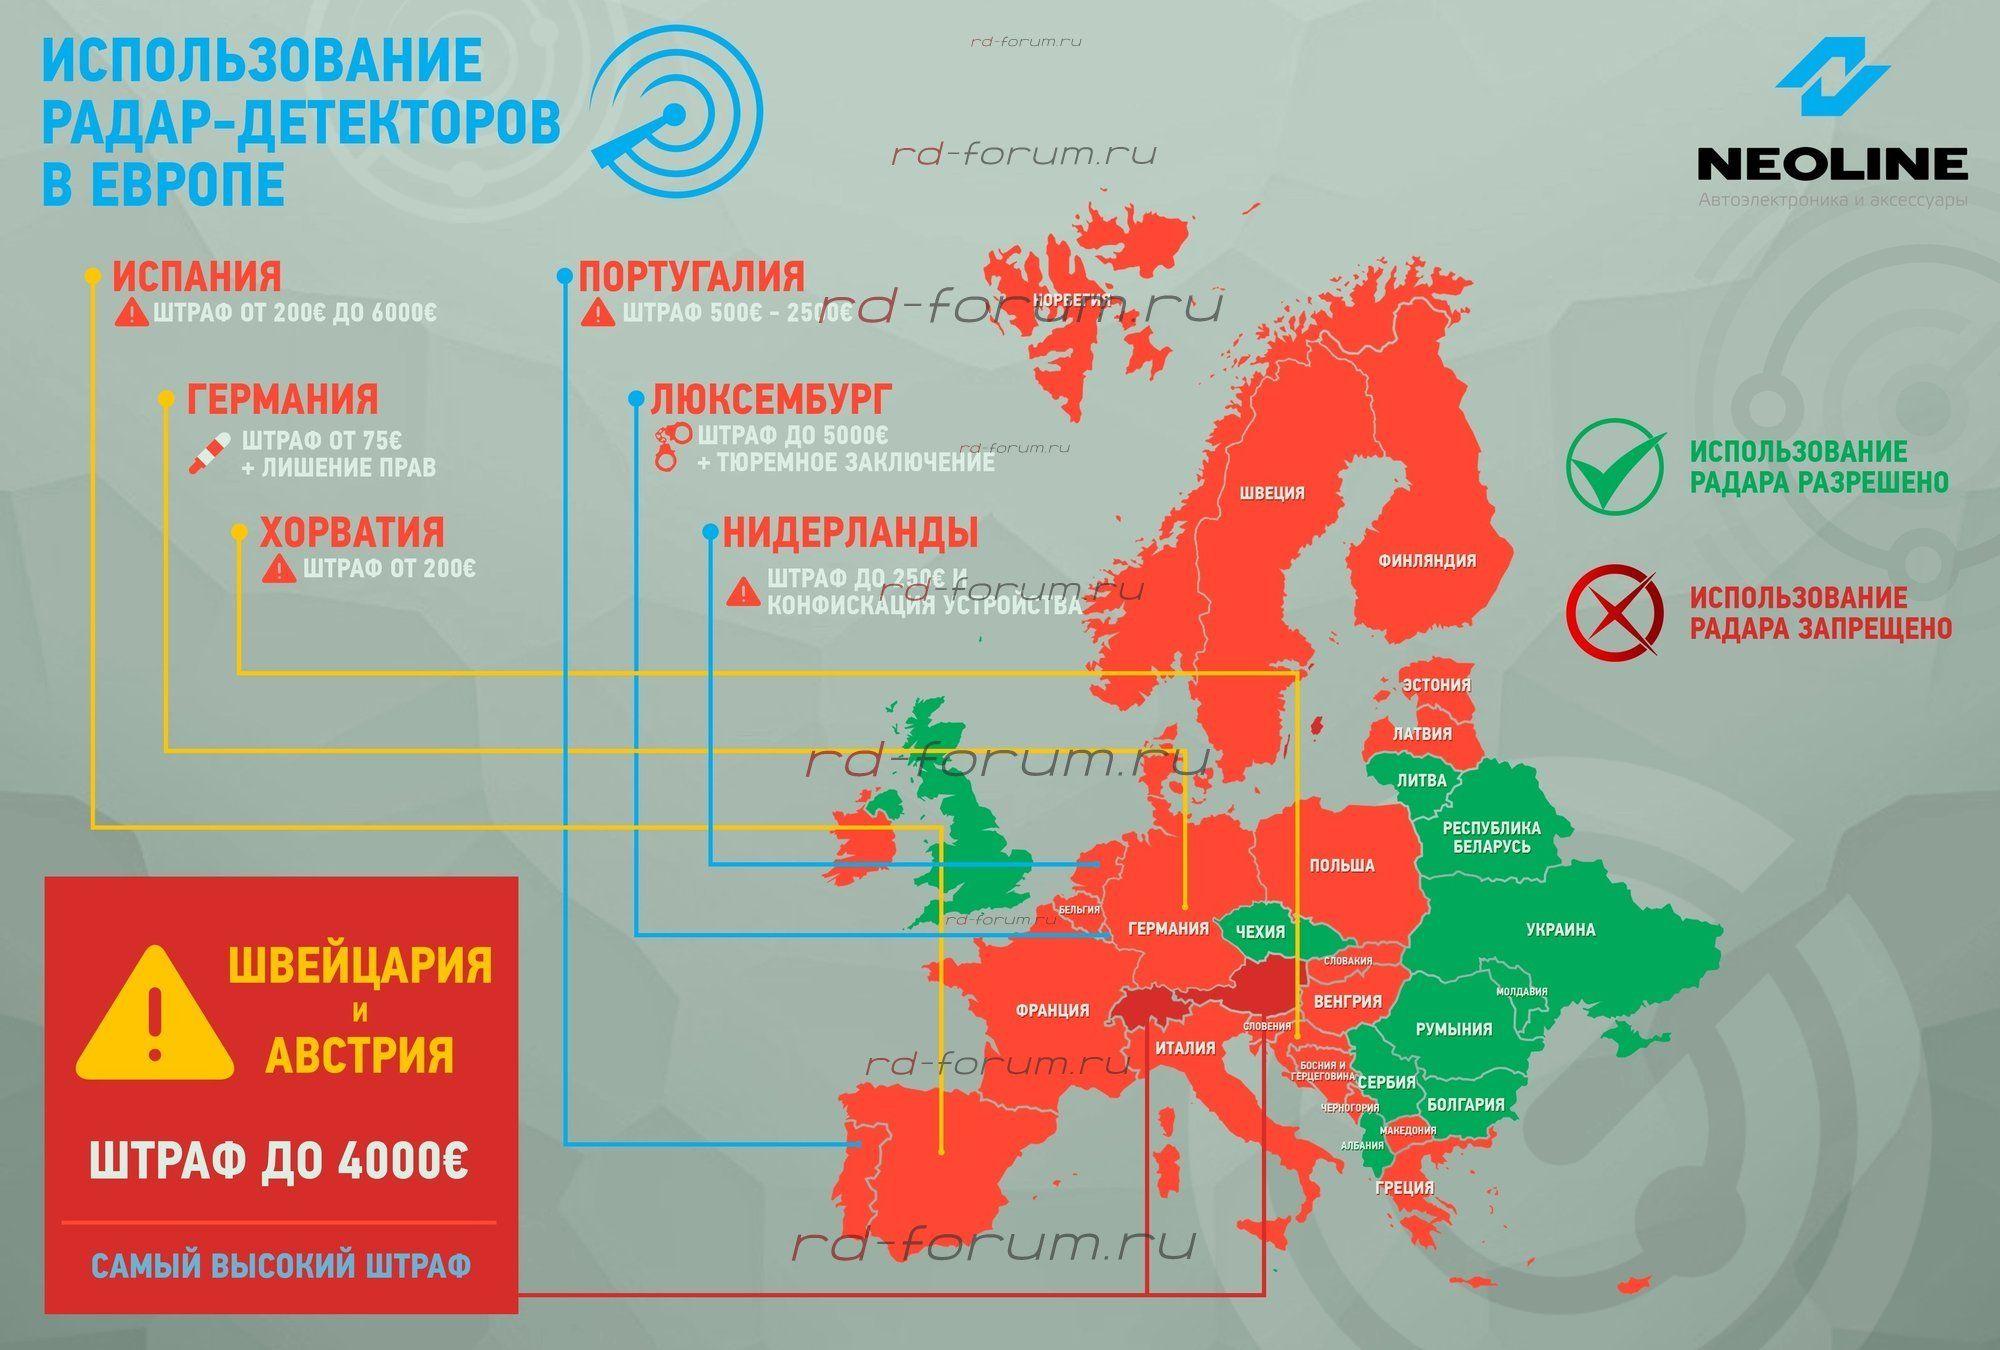 Использование р-д в Европе.jpg